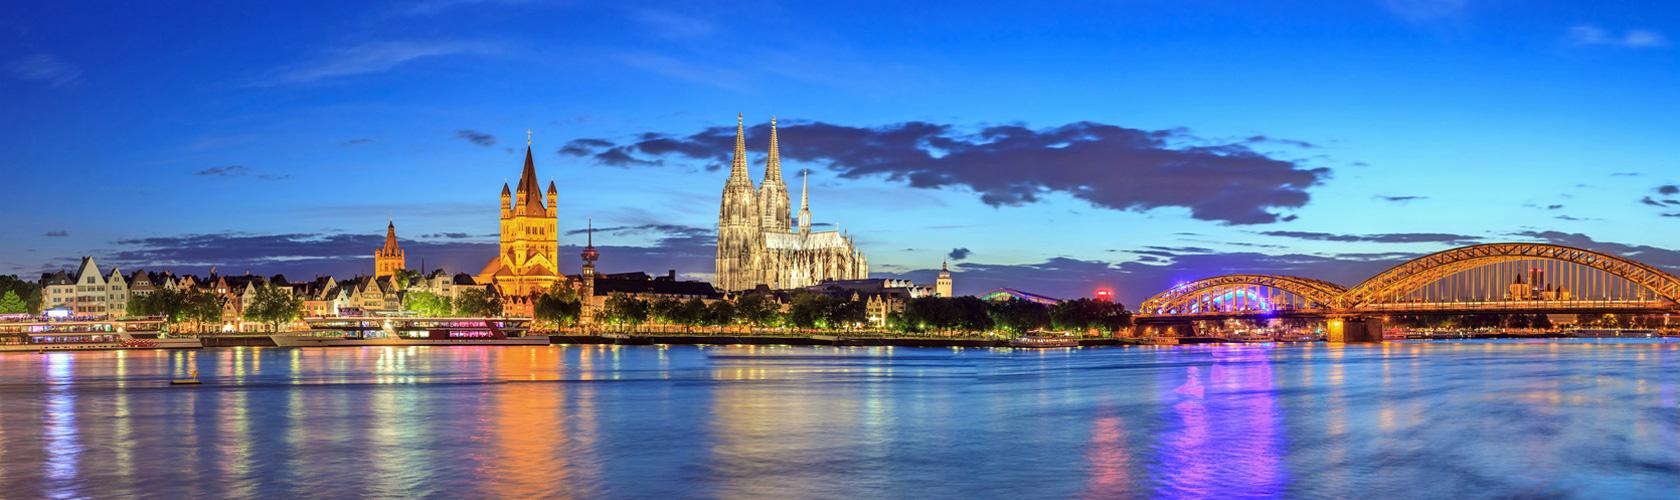 Köln Am Rhein Spazieren